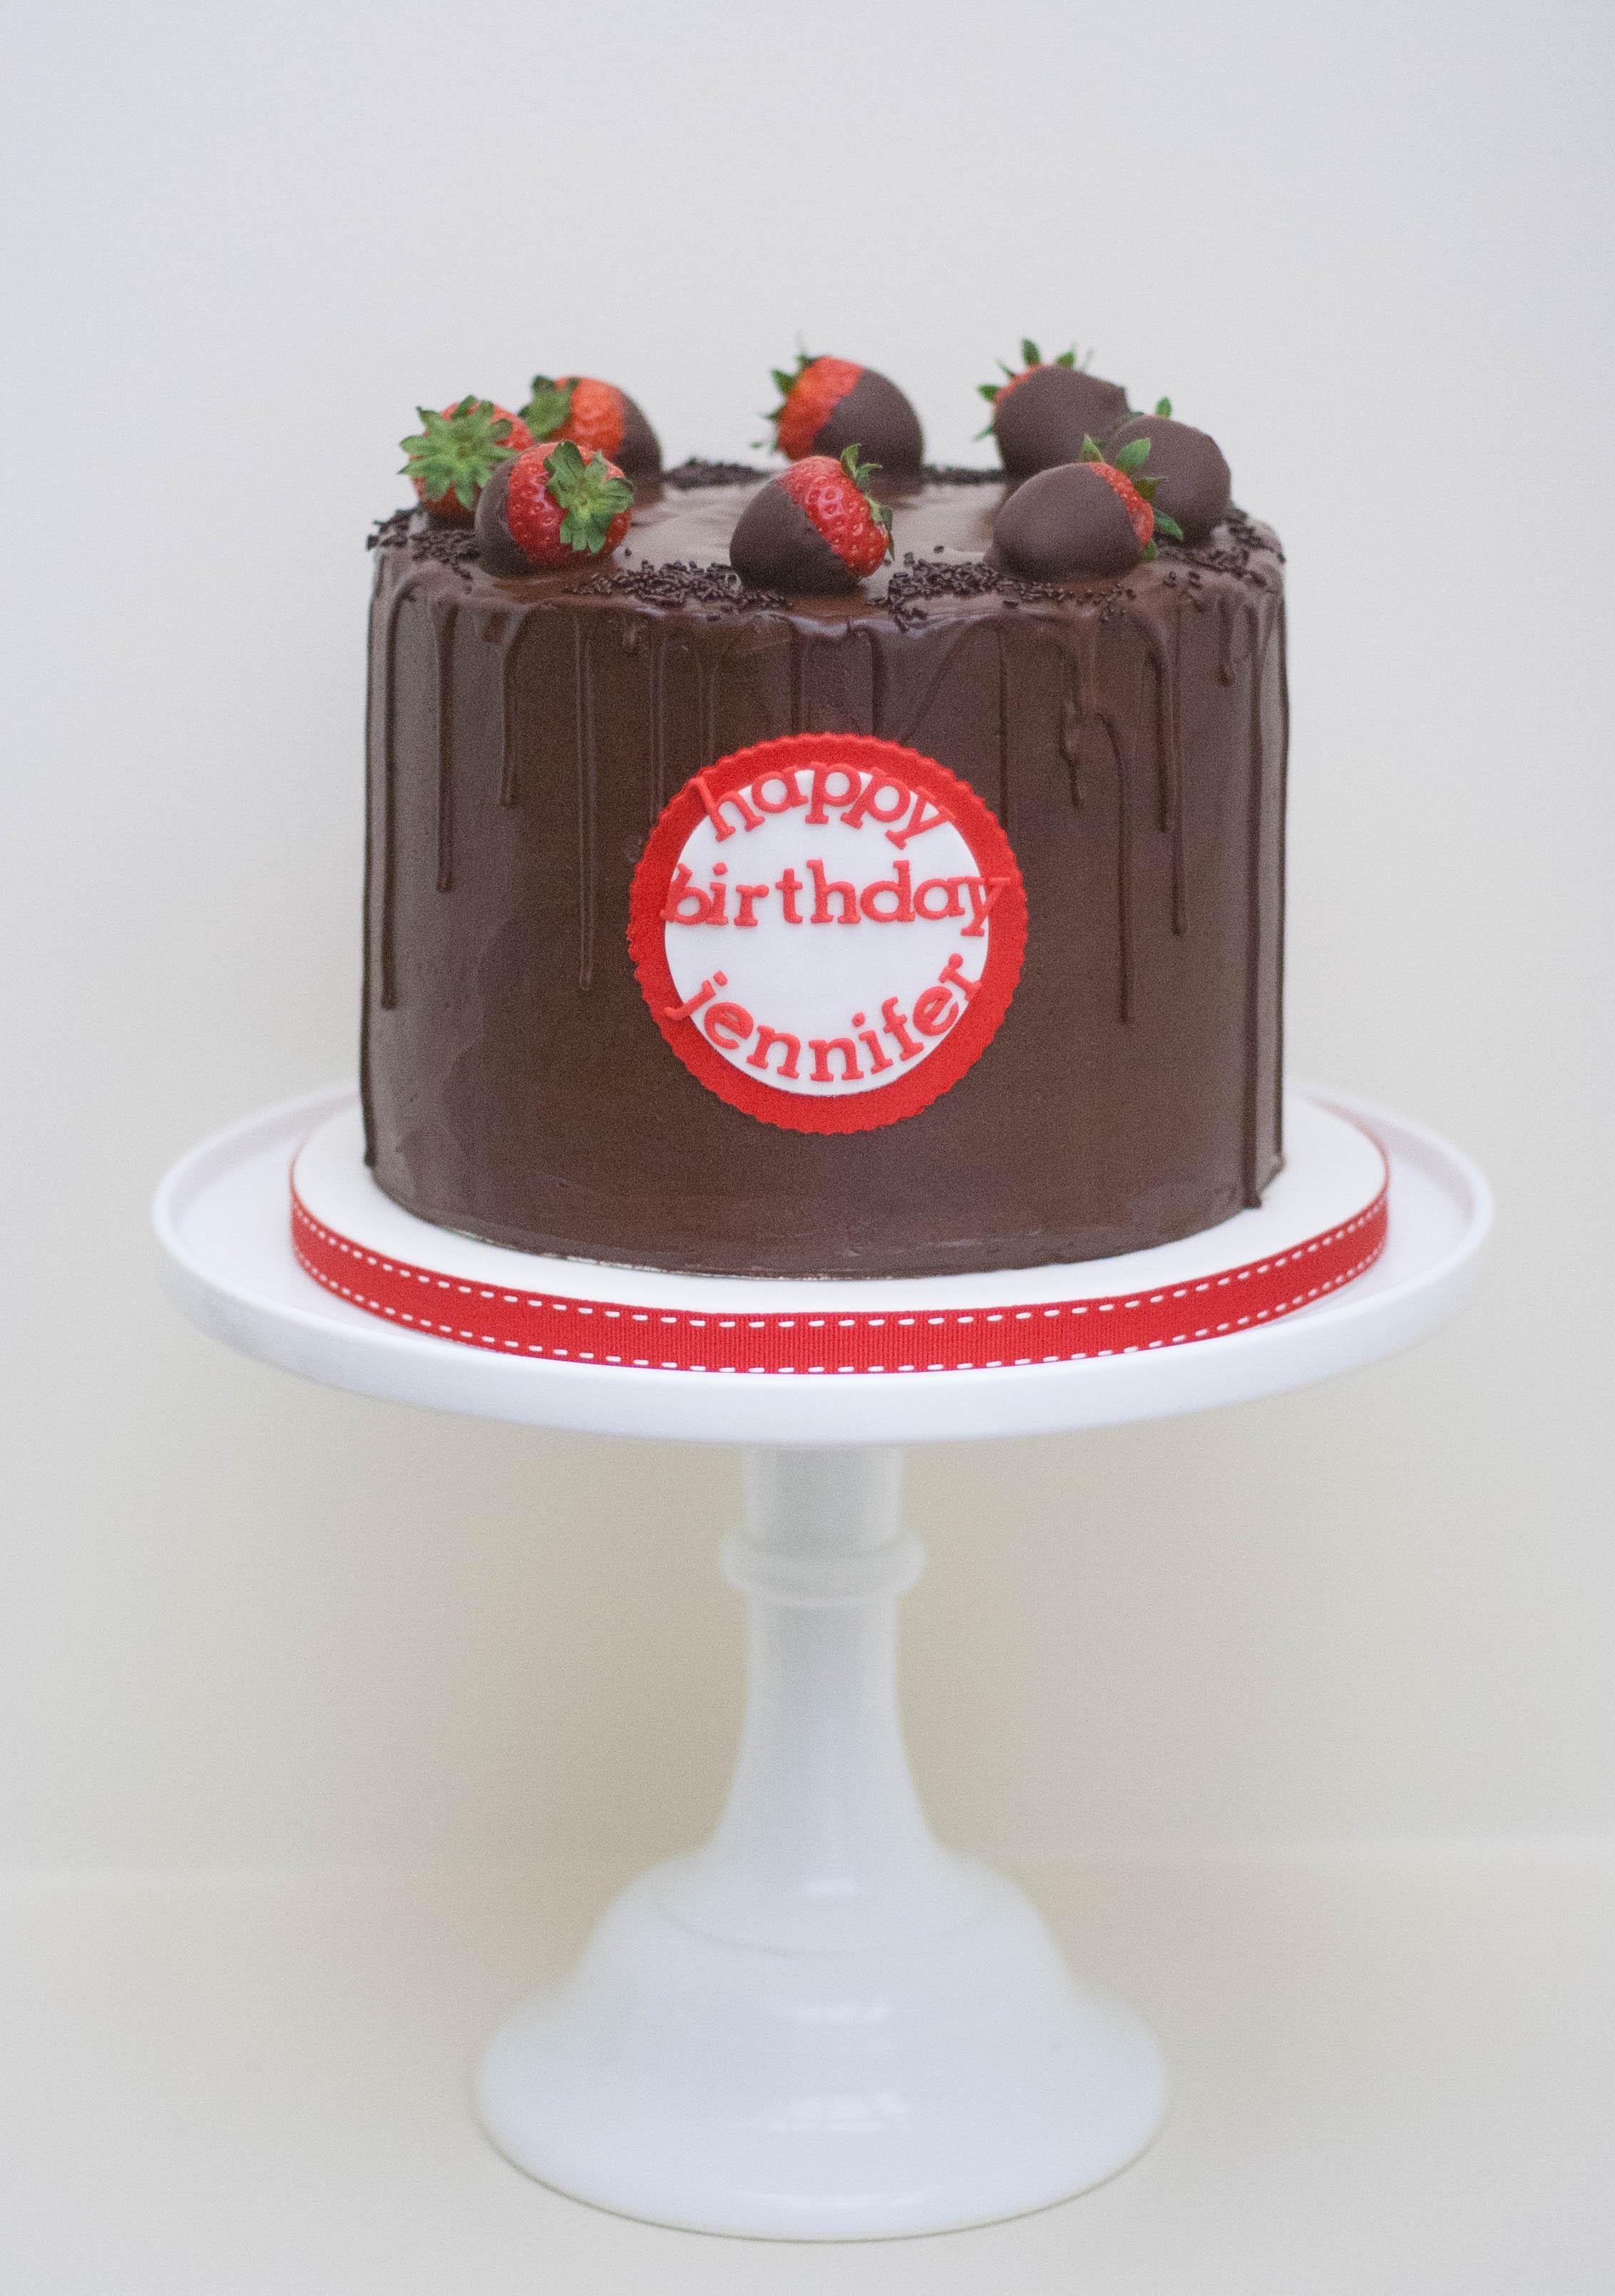 choc strawberry vegan drip cake